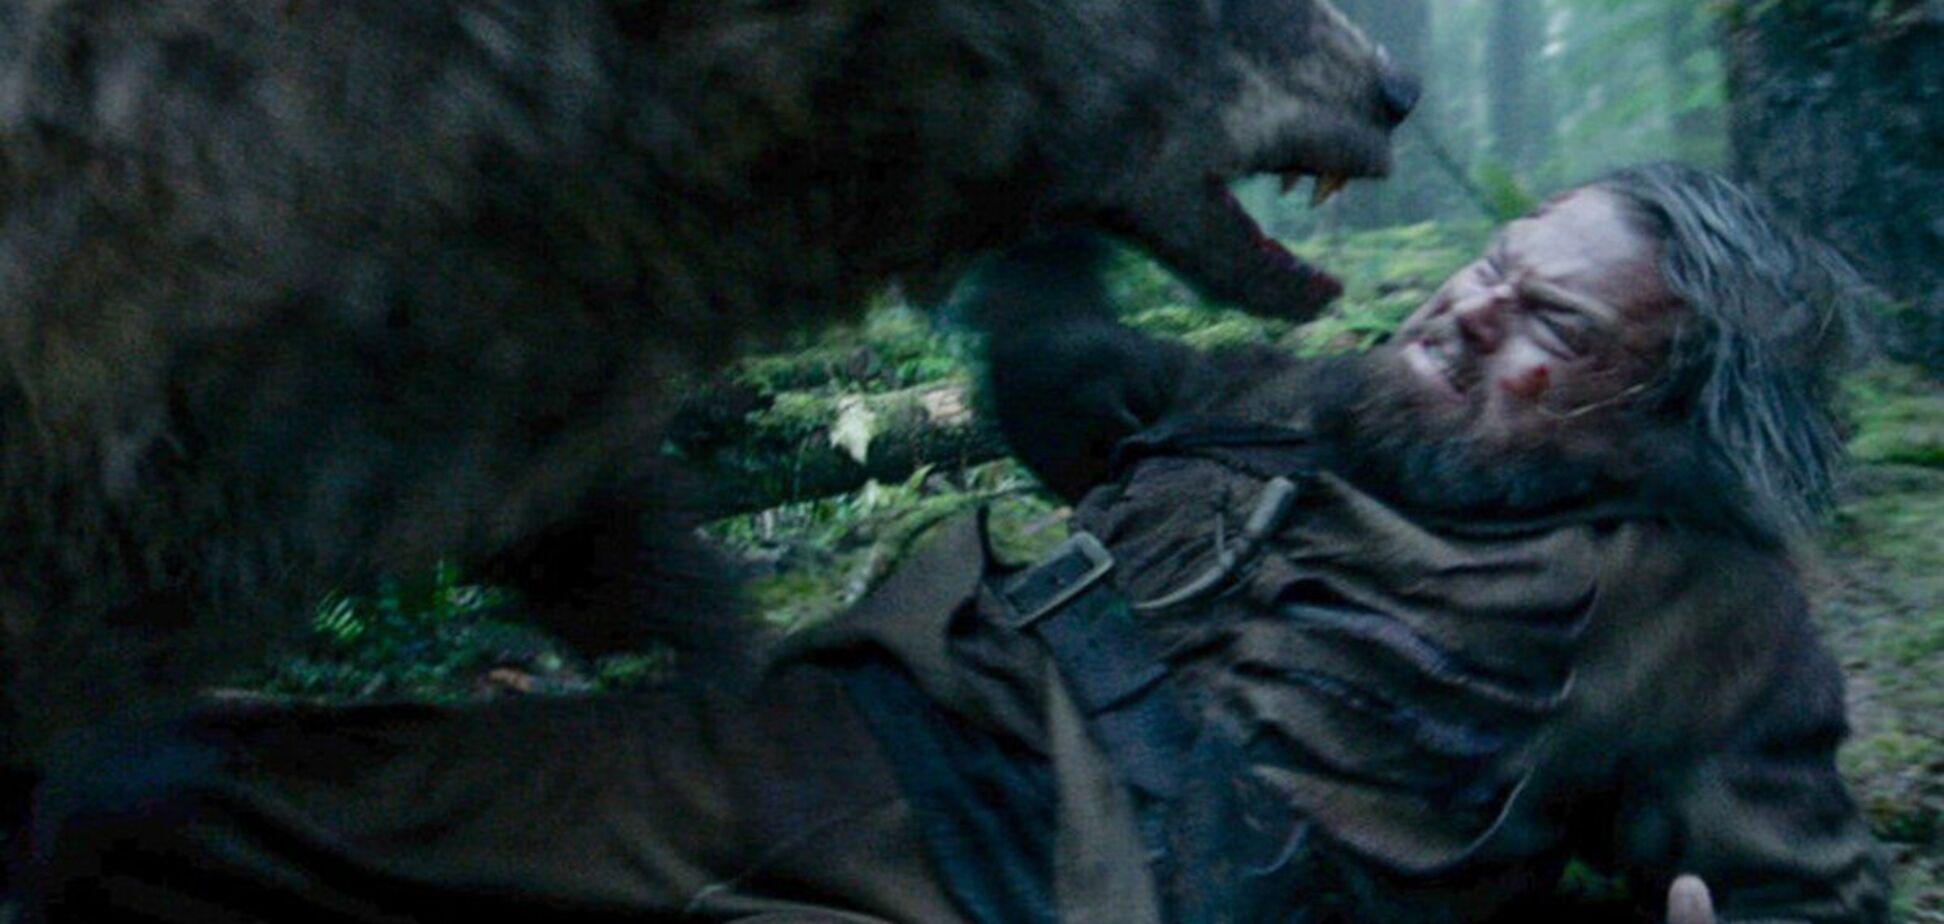 На Прикарпатті ведмедиця з'їла пів обличчя чоловікові: він дивом вижив і переніс 37 'пластик'. Фото, відео 18+